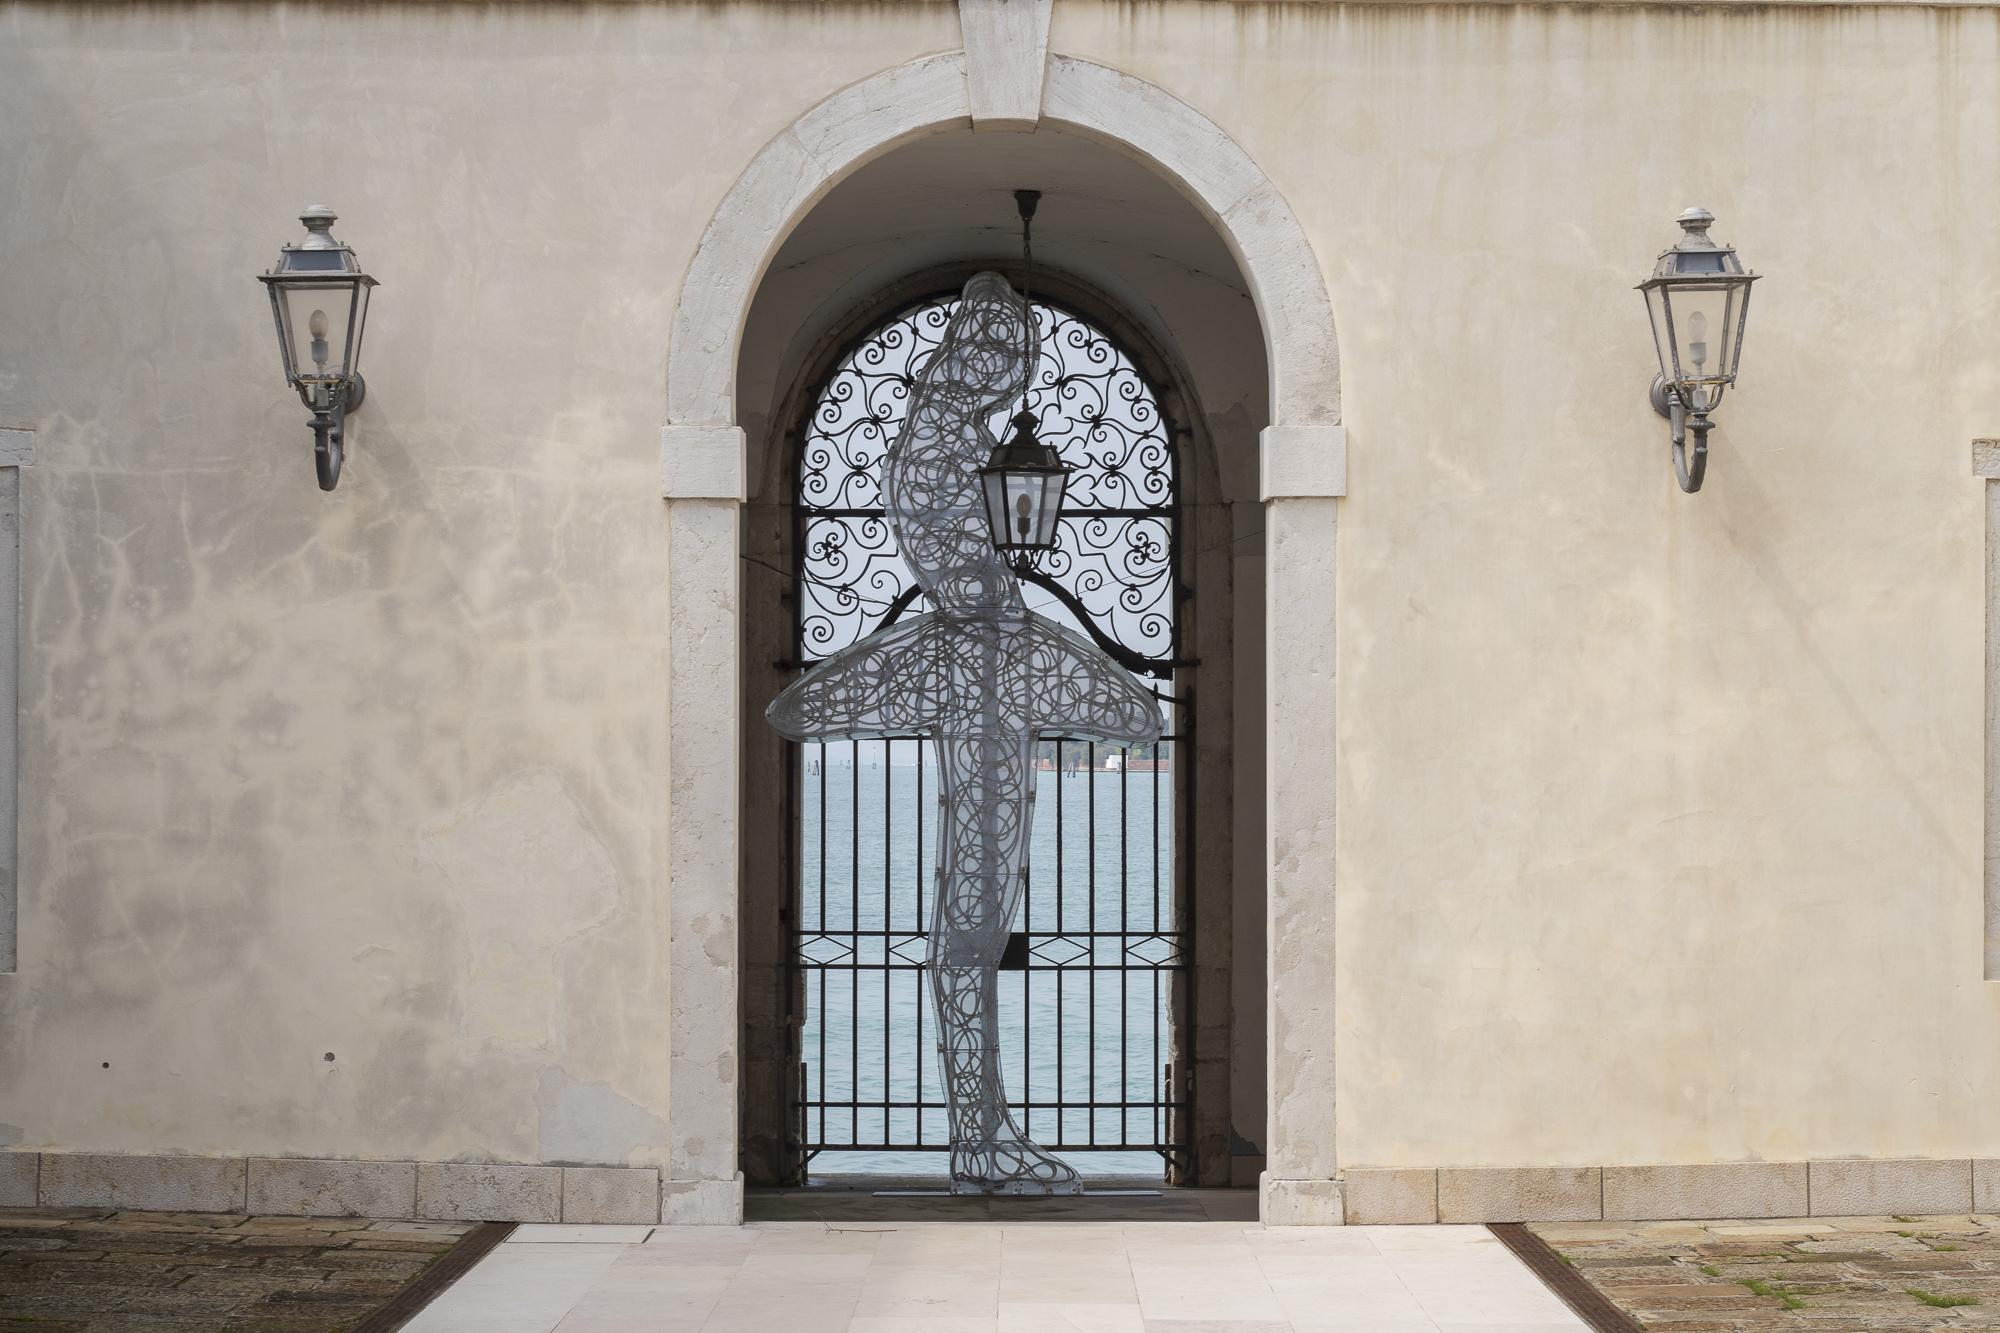 San Servolo  PHOTOGRAPHY: ALEXANDER J.E. BRADLEY • NIKON D500 • AF-S NIKKOR 24-70MM Ƒ/2.8G ED @ 52MM • Ƒ/8 • 1/250 SEC • ISO 100